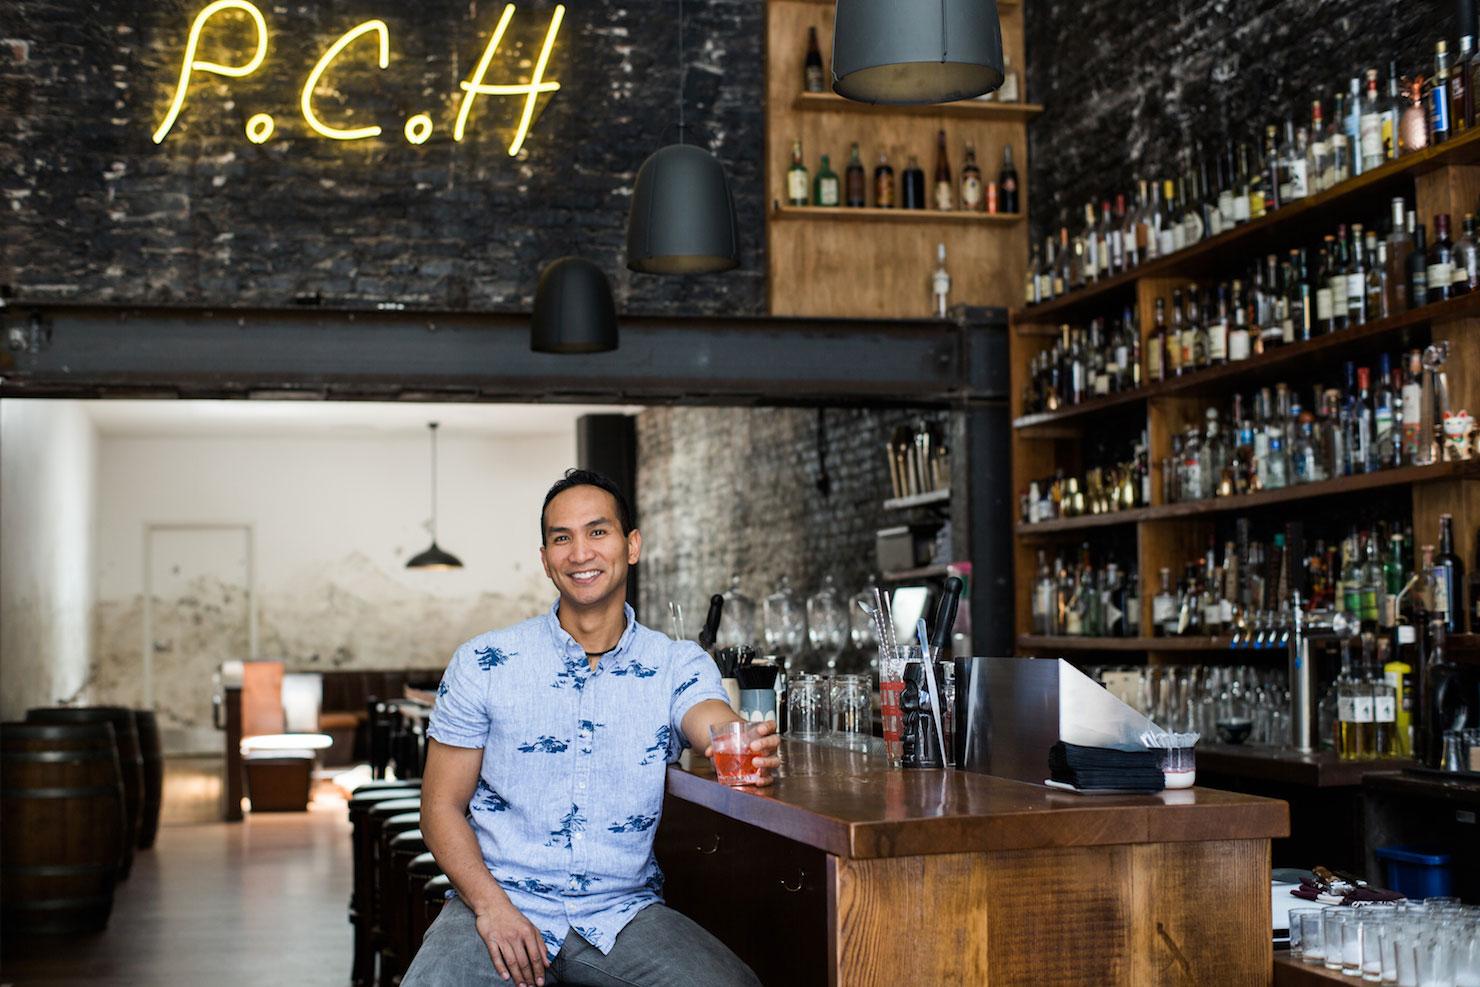 Kevin-Diedrich in his bar